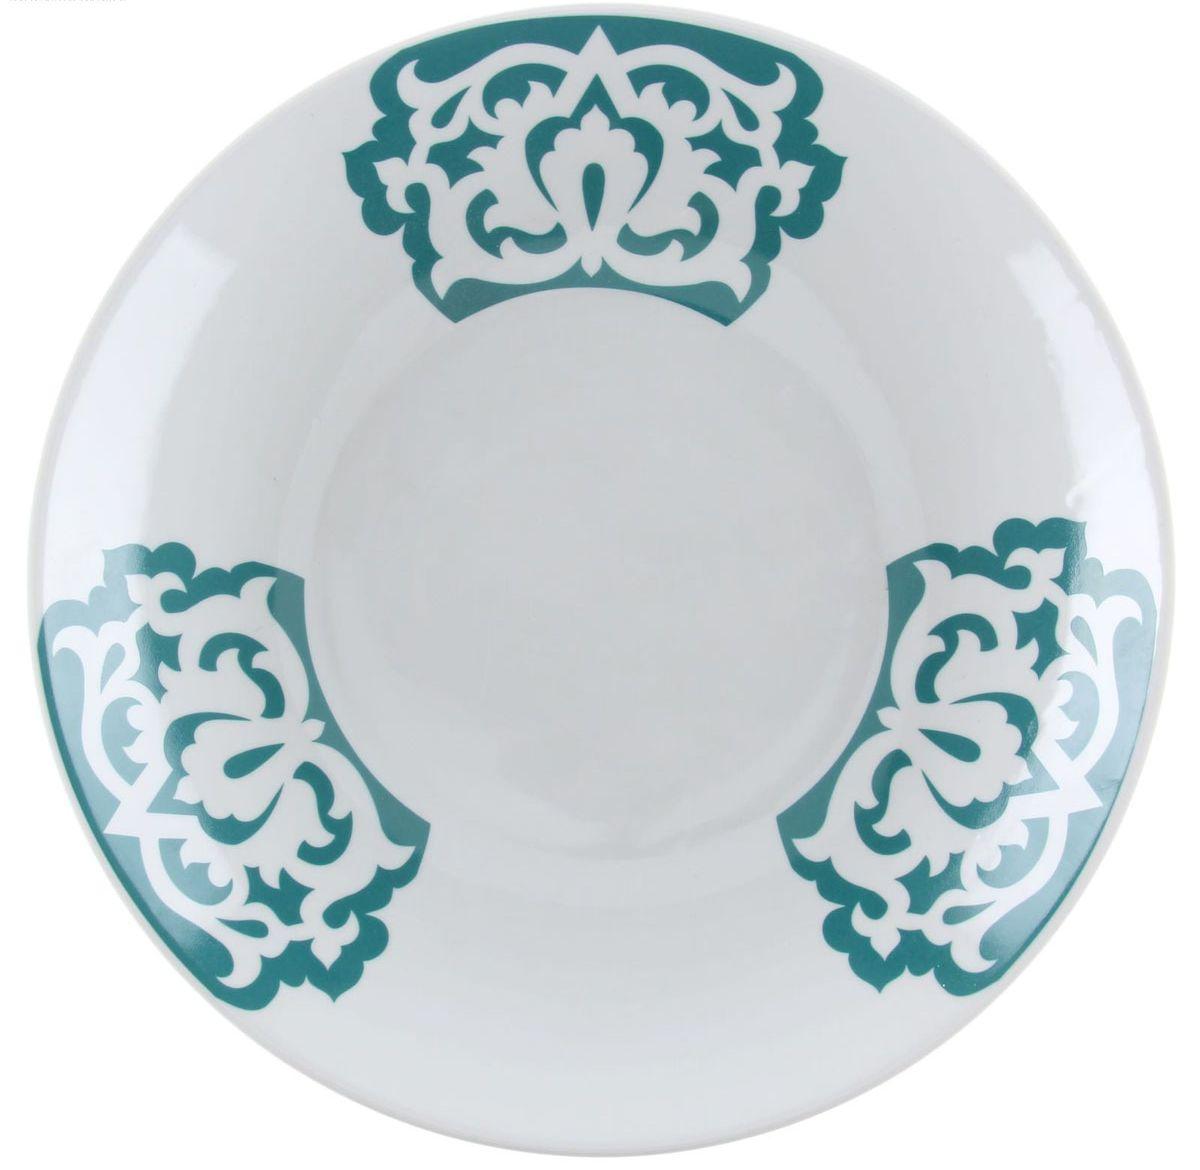 Сухарница Азия, цвет: белый, зеленый, диаметр 27 смVT-1520(SR)Сухарница Азия выполнена из высококачественного фарфора и украшена оригинальным орнаментом.Изделие доставит истинное удовольствие ценителям прекрасного. Яркий дизайн, несомненно, придется вам по вкусу. Диаметр сухарницы (по верхнему краю): 27 см.